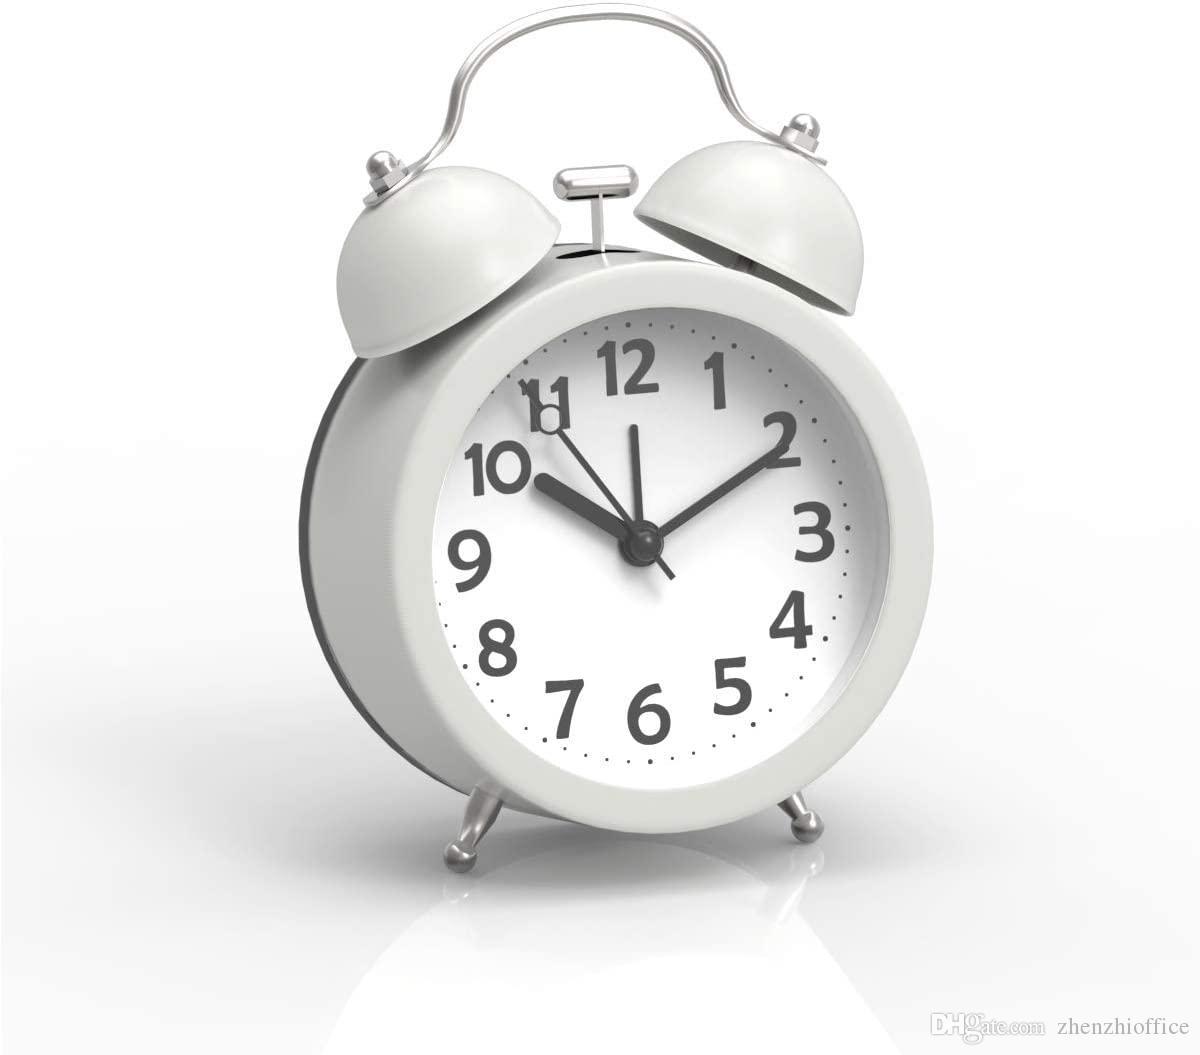 Mini non-tic-tac d'horloge d'alarme classique vintage analogique avec rétro-éclairage, batterie Operated Voyage Horloge, fort double de Bell réveil pour les enfants